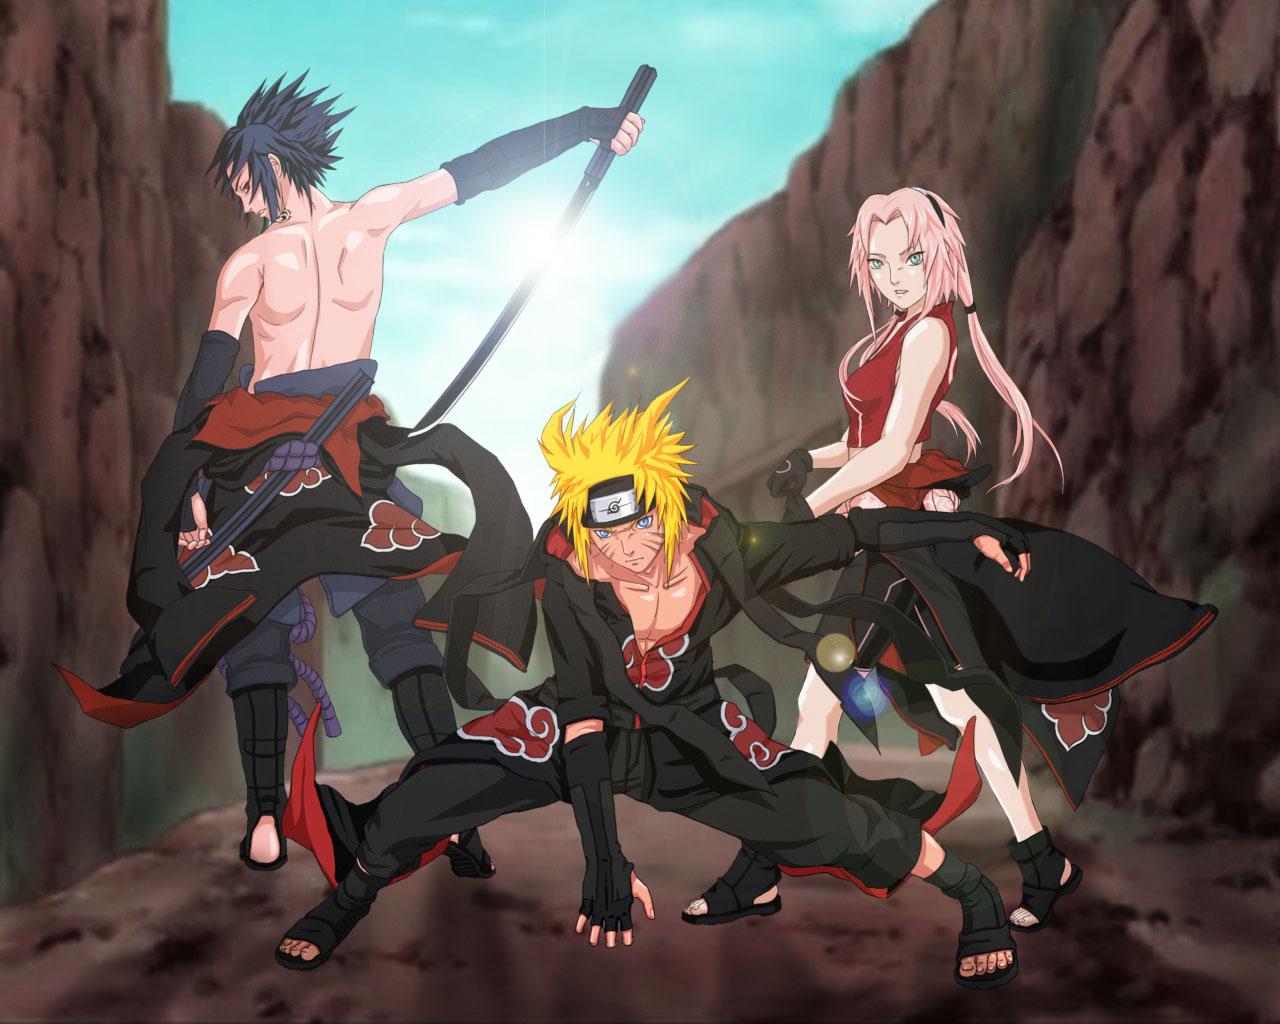 Must see Wallpaper Naruto Akatsuki - sakura-naruto-sasuke-akatsuki-naruto-shippuuden-452719_1280_1024  HD_70210.jpg